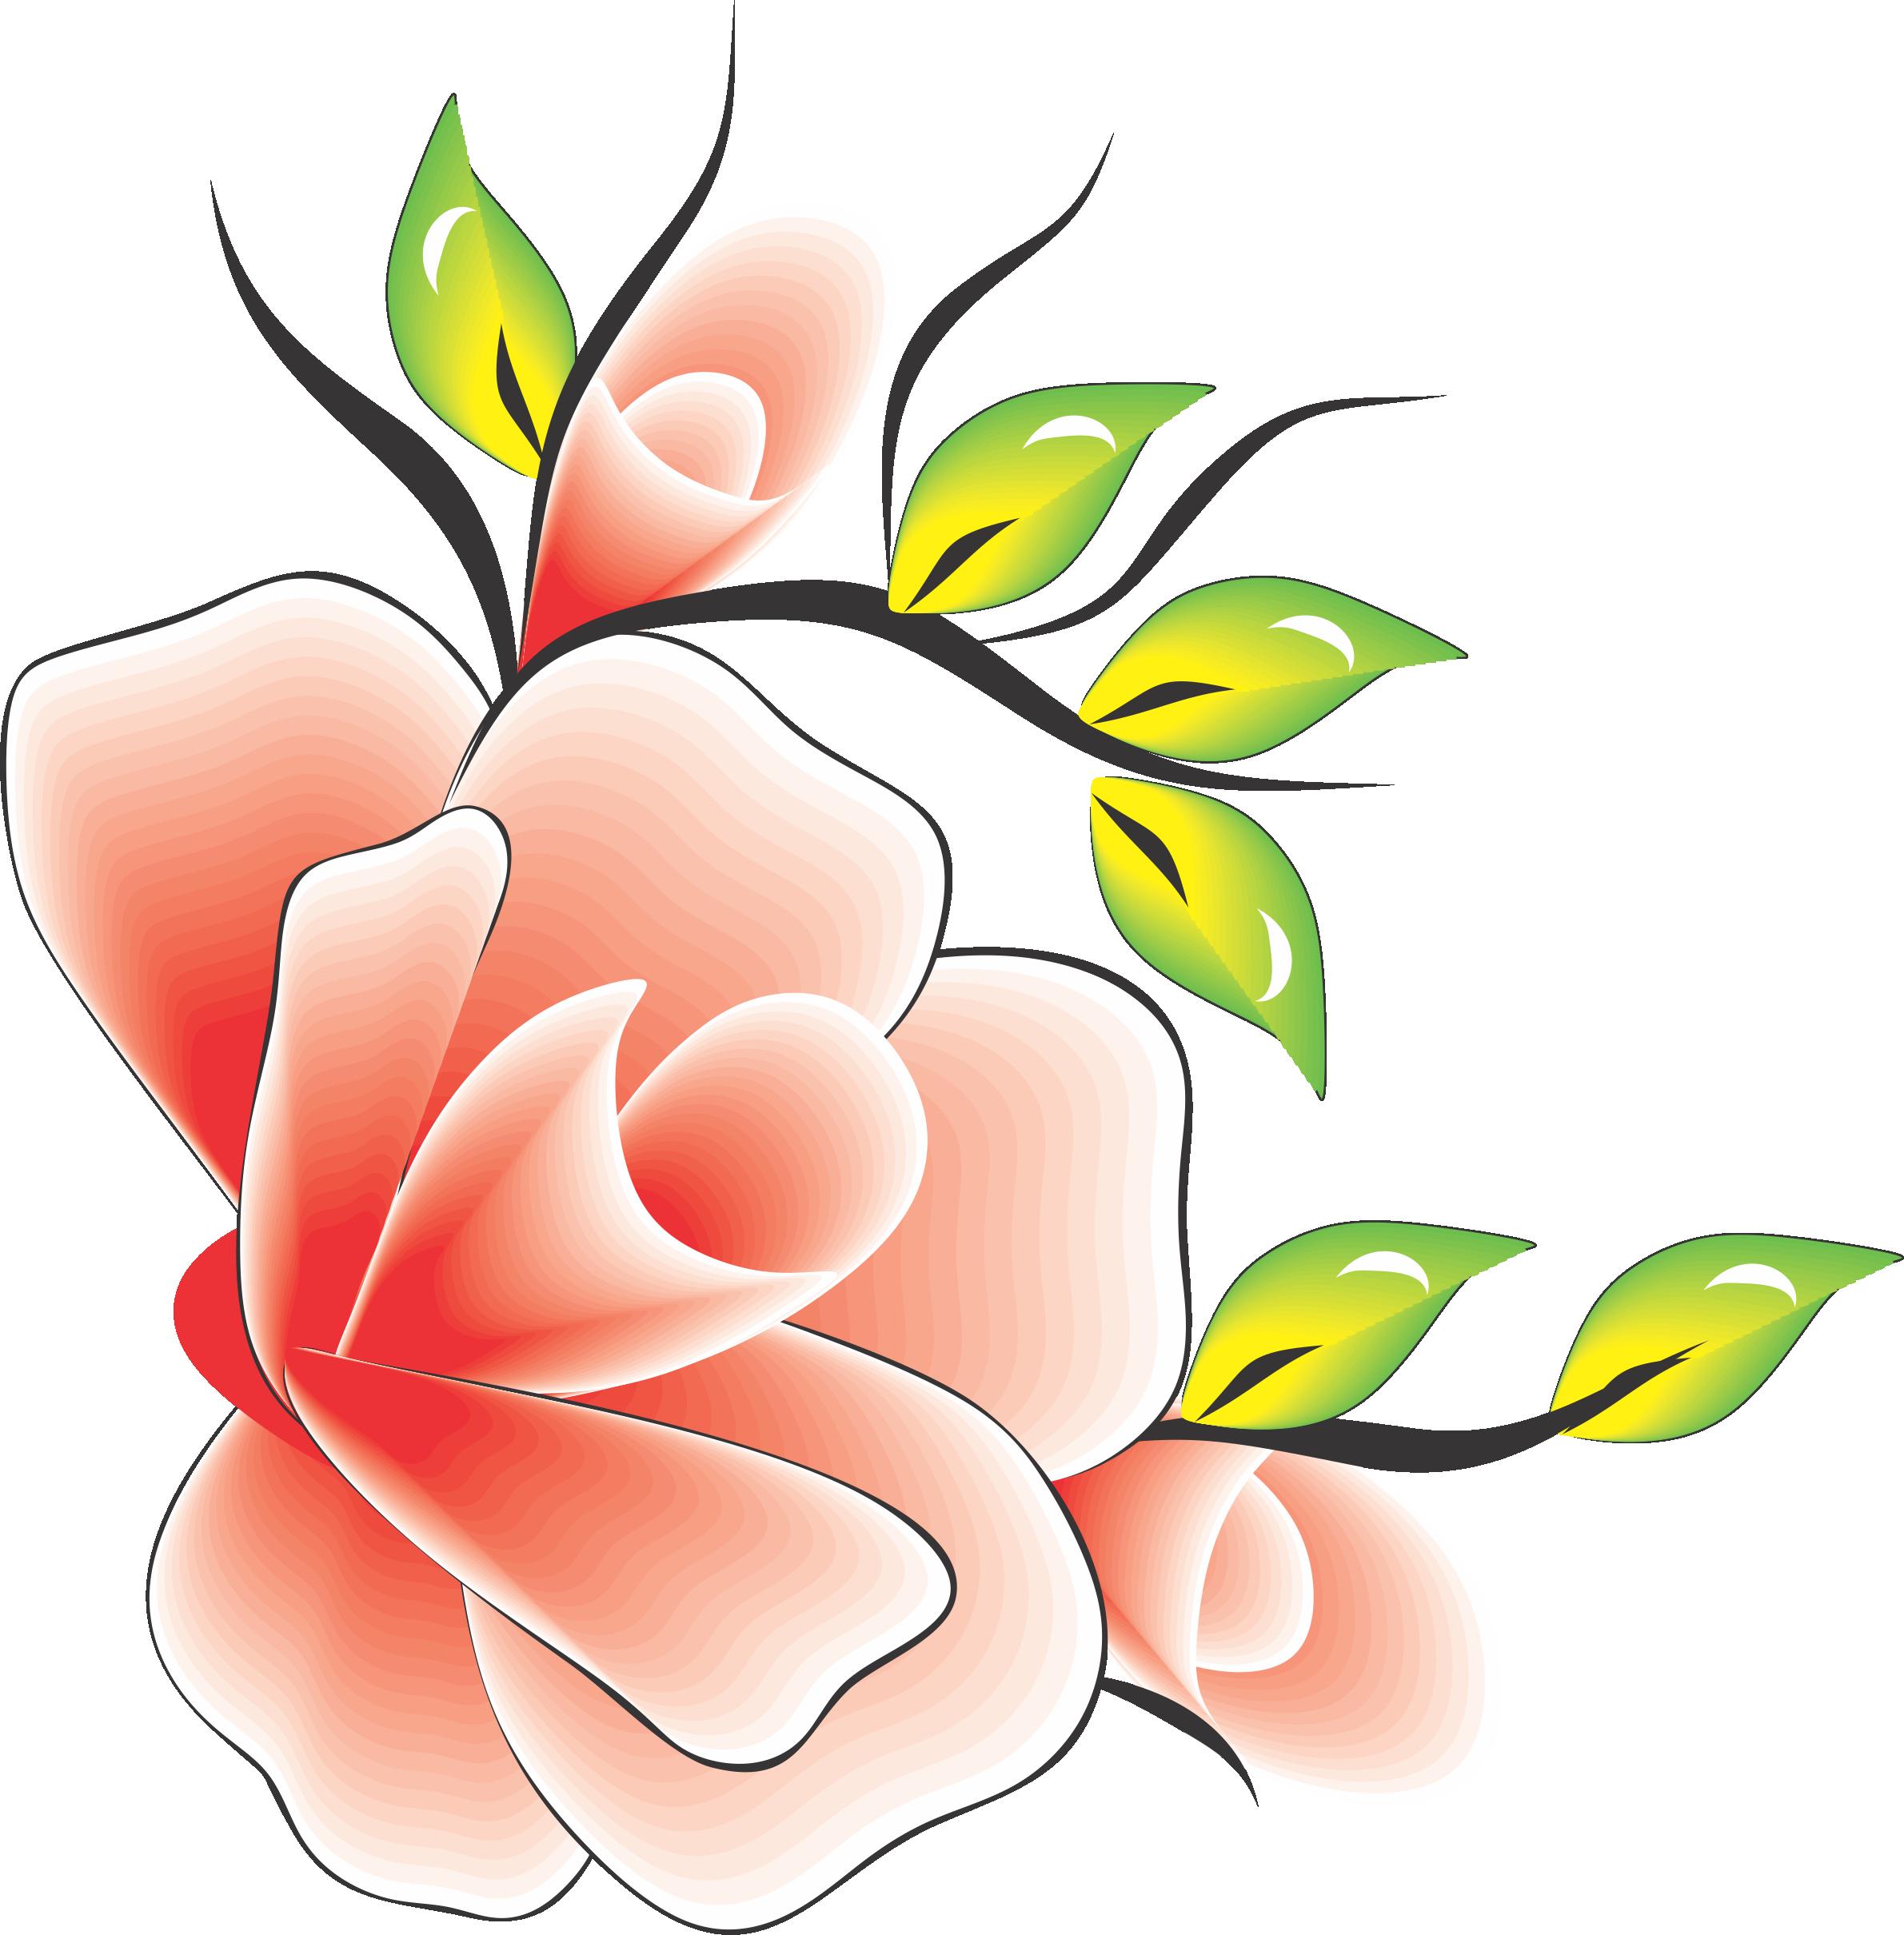 flor rosa com amarelo verde para adesivo artesanal flores